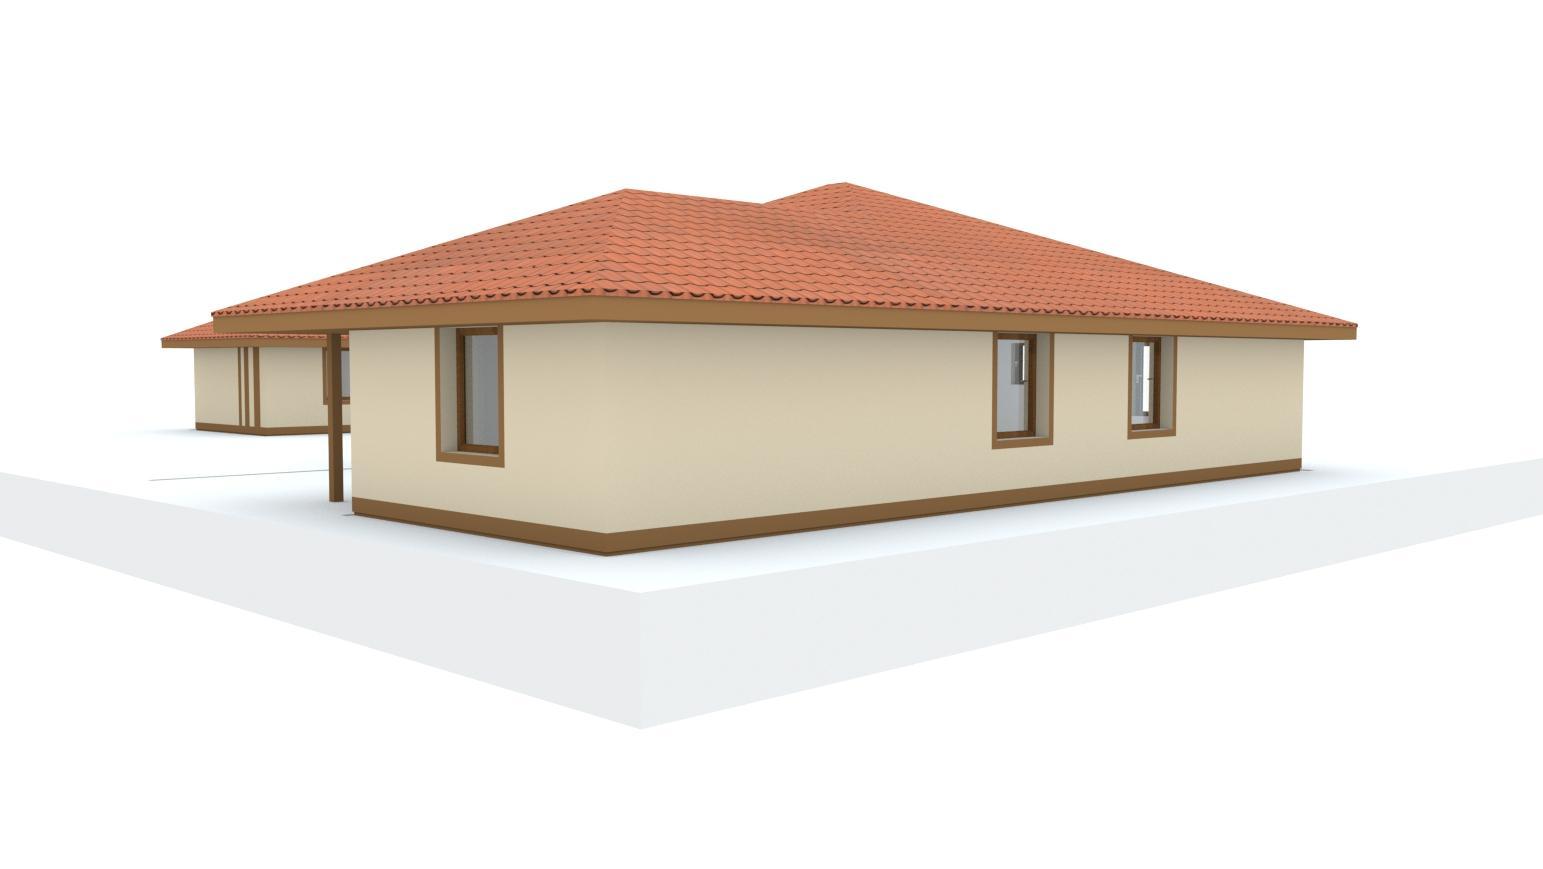 Návrh fasády rodinného domu, oplotenia a predbežné rozmiestnenie prvkov záhrade - Obrázok č. 11